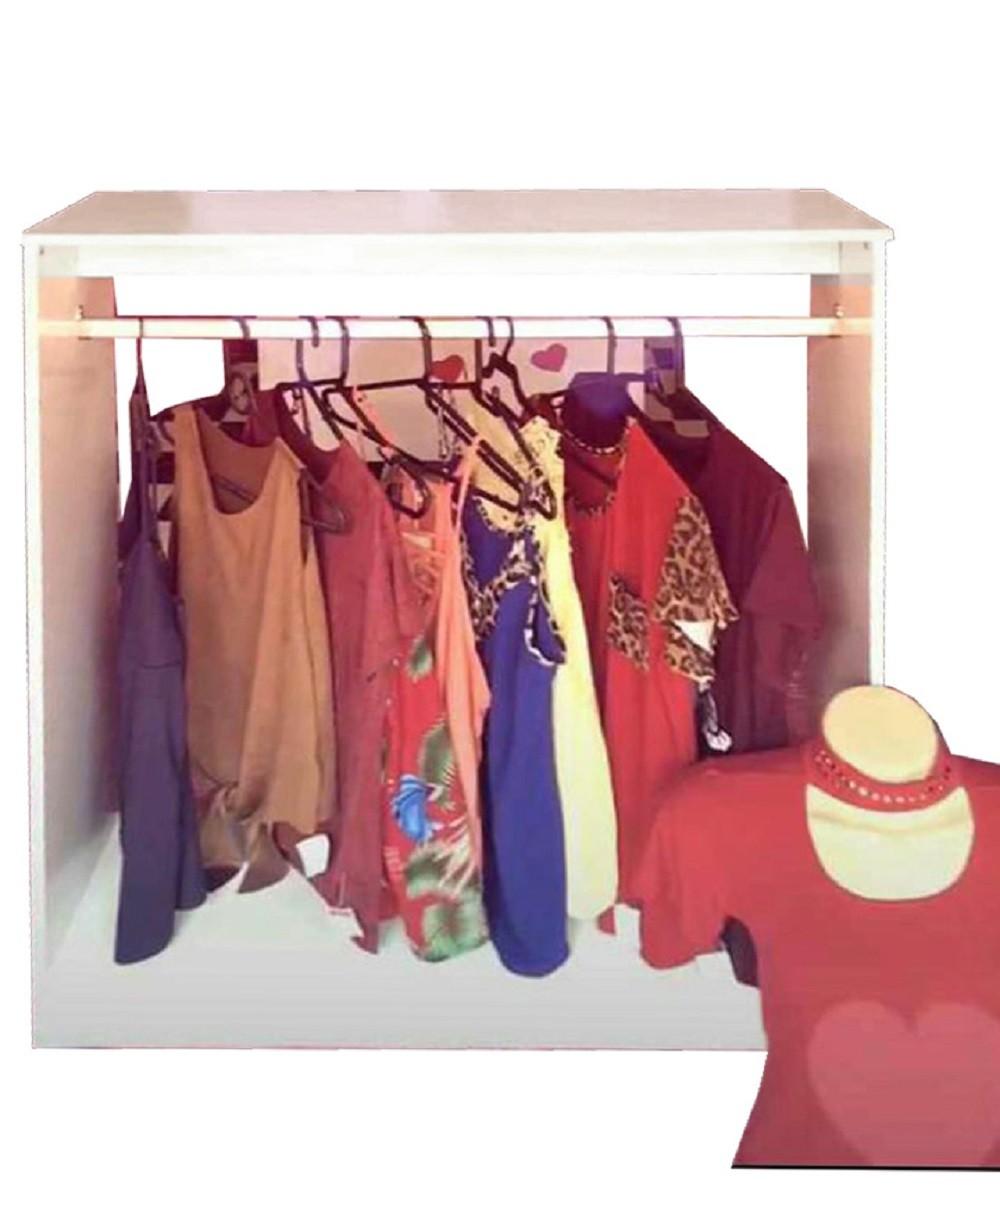 Expositores Loja Roupa Closed Araras Magia Móveis 10 peças